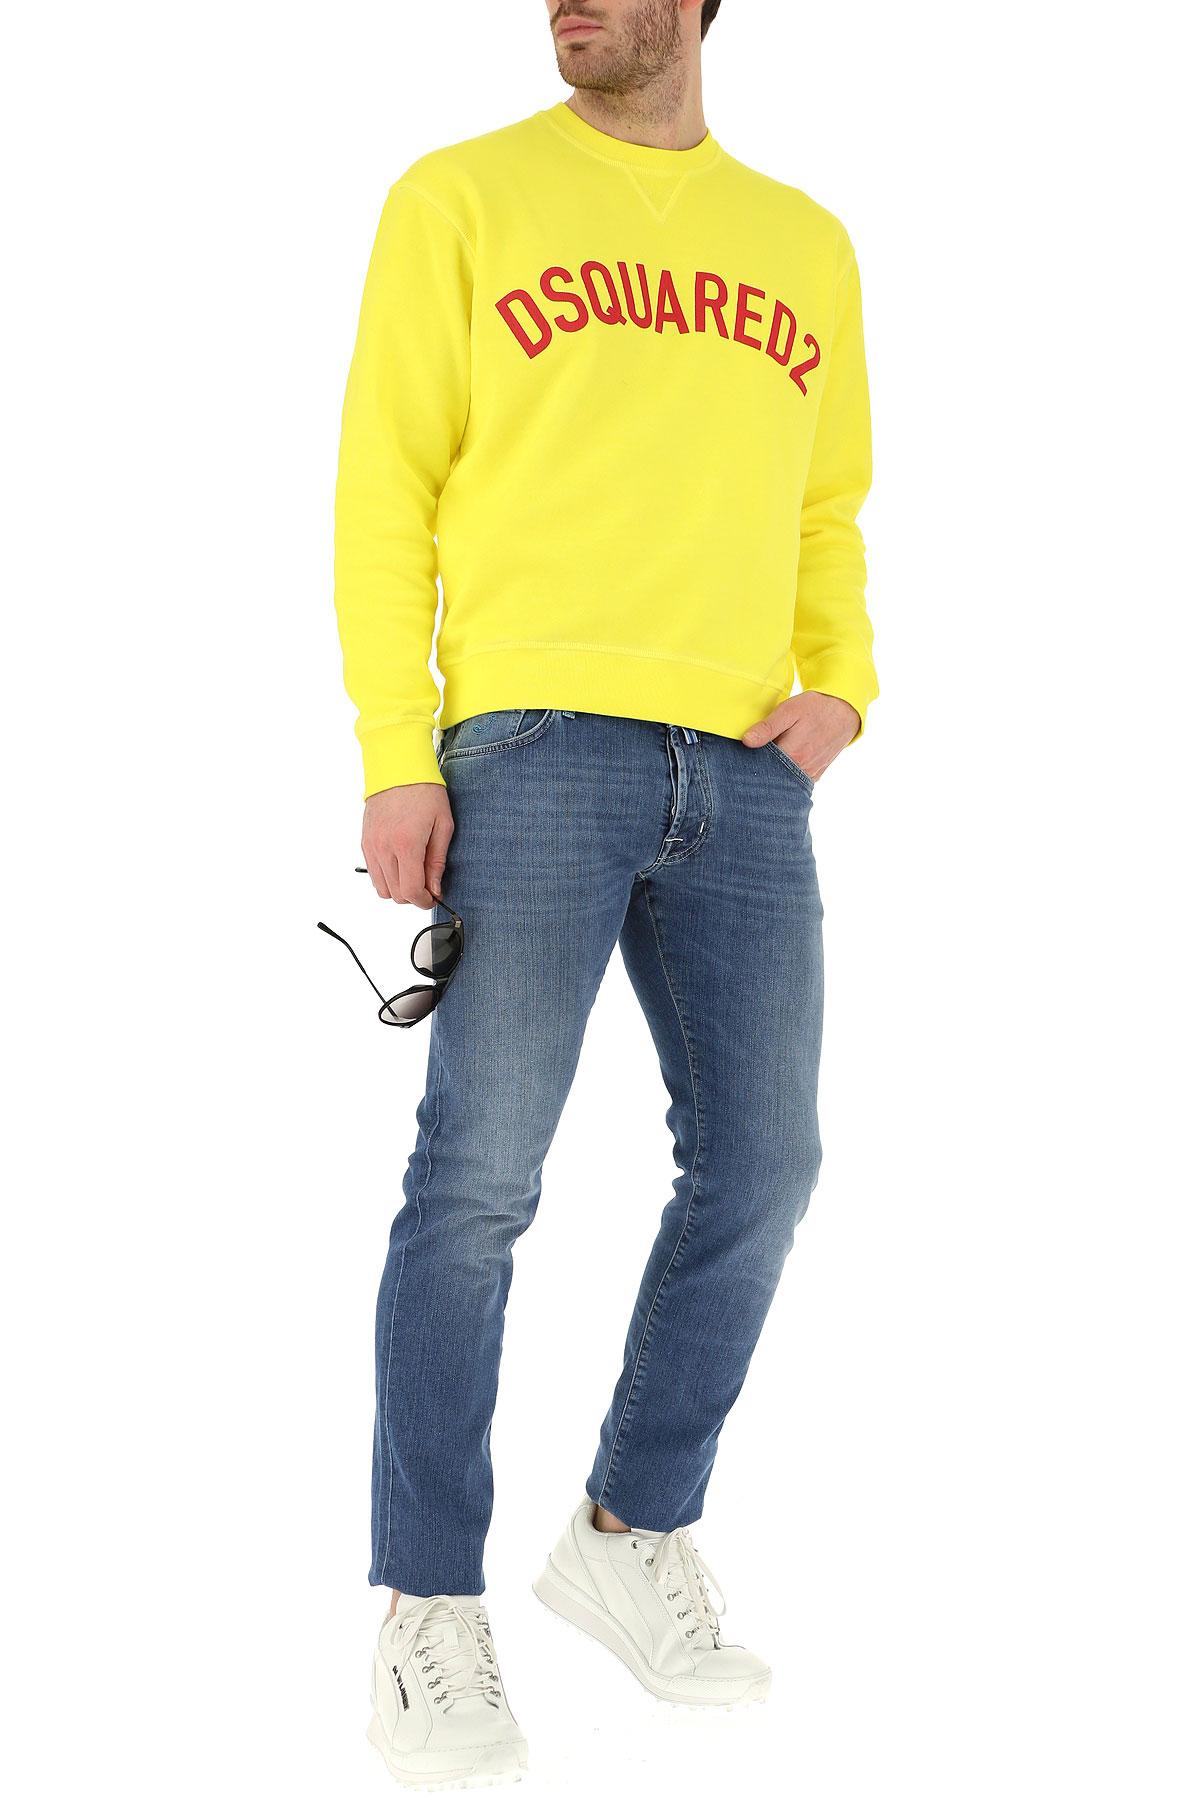 Ropa Amarillo Para Dsquared Rojo Hombres Primavera 2019 verano AYxwqdB